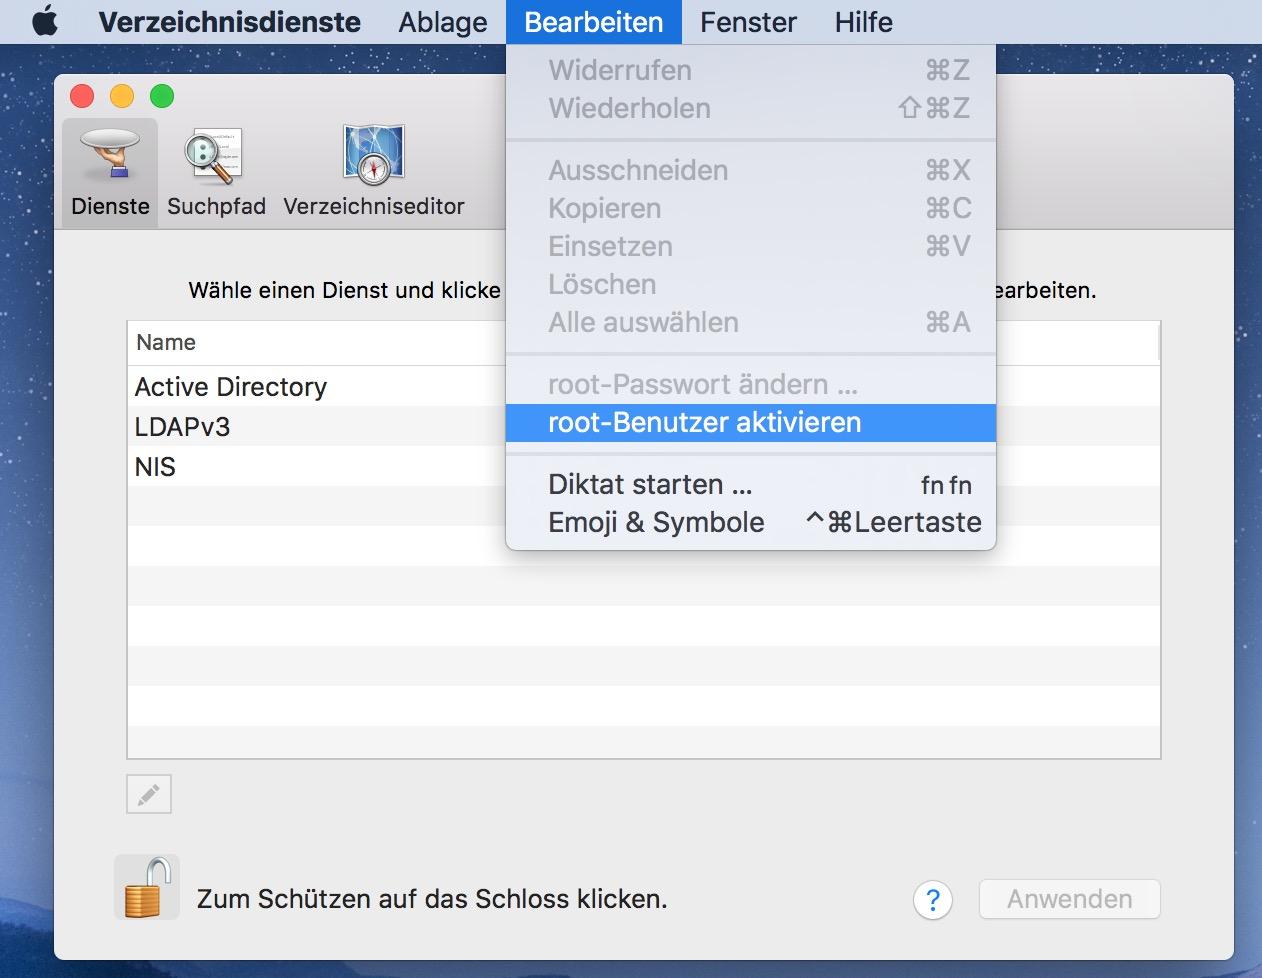 macOS Root-Benutzer aktivieren